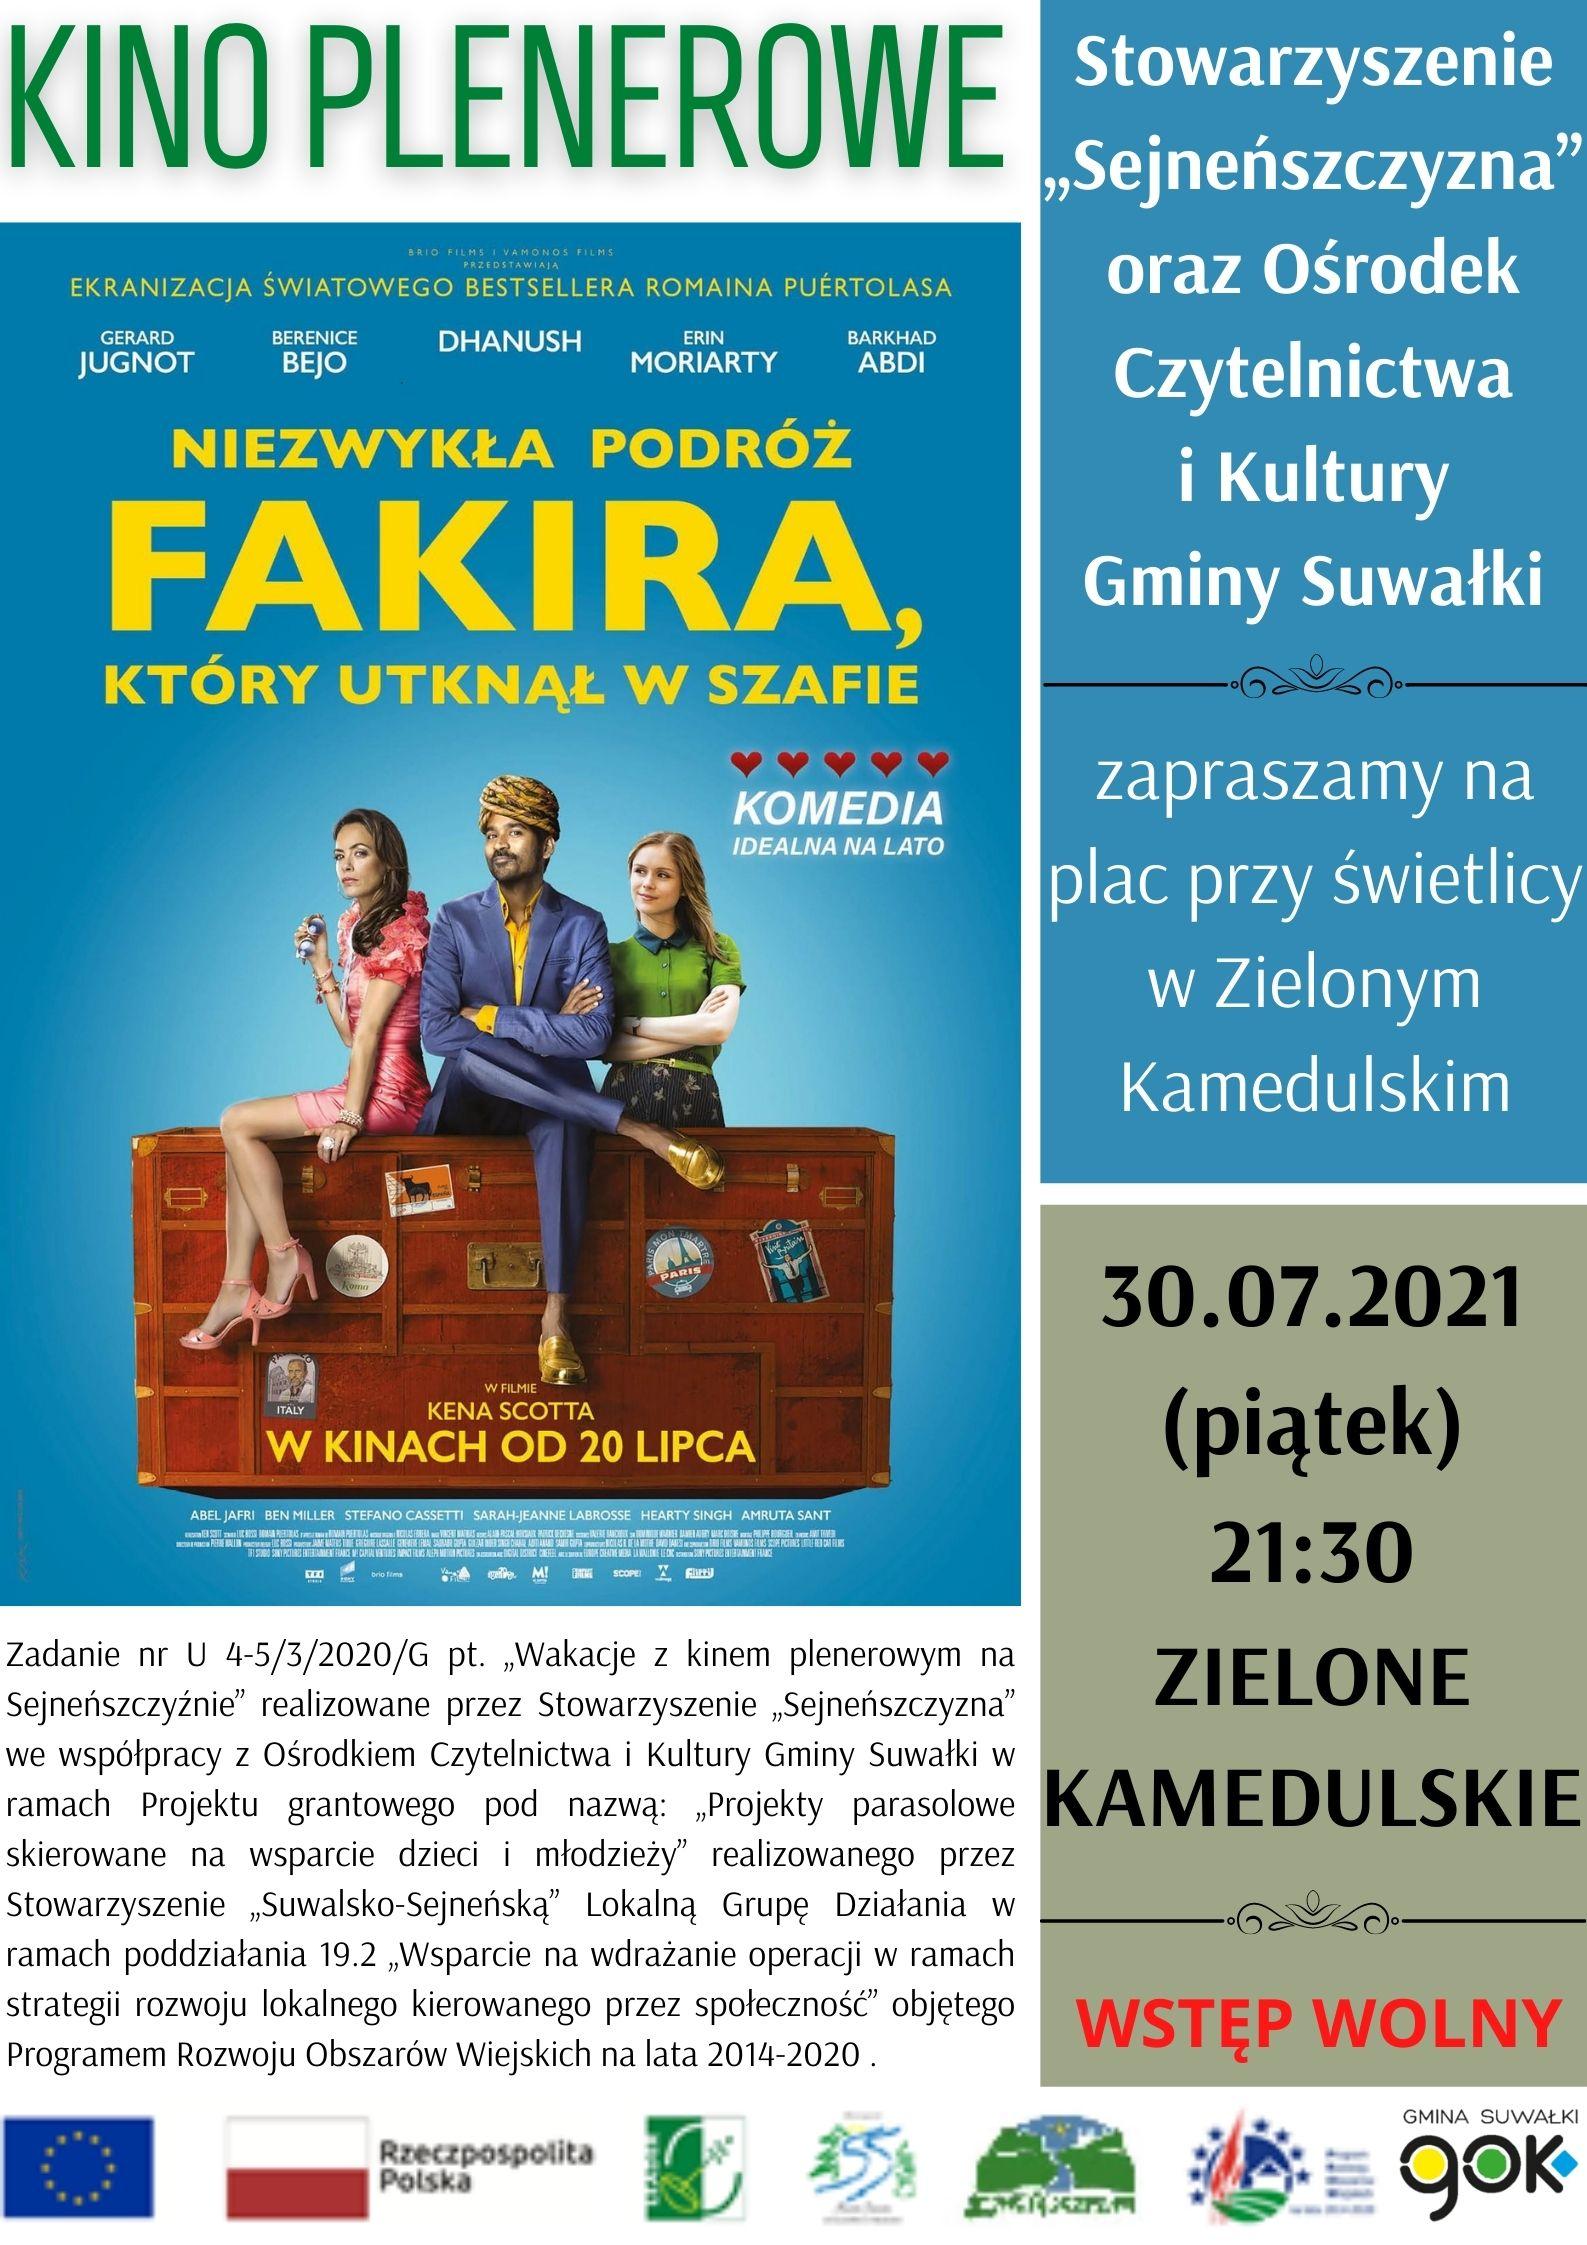 Kino plenerowe w Zielonym Kamedulskim - NOWY TERMIN